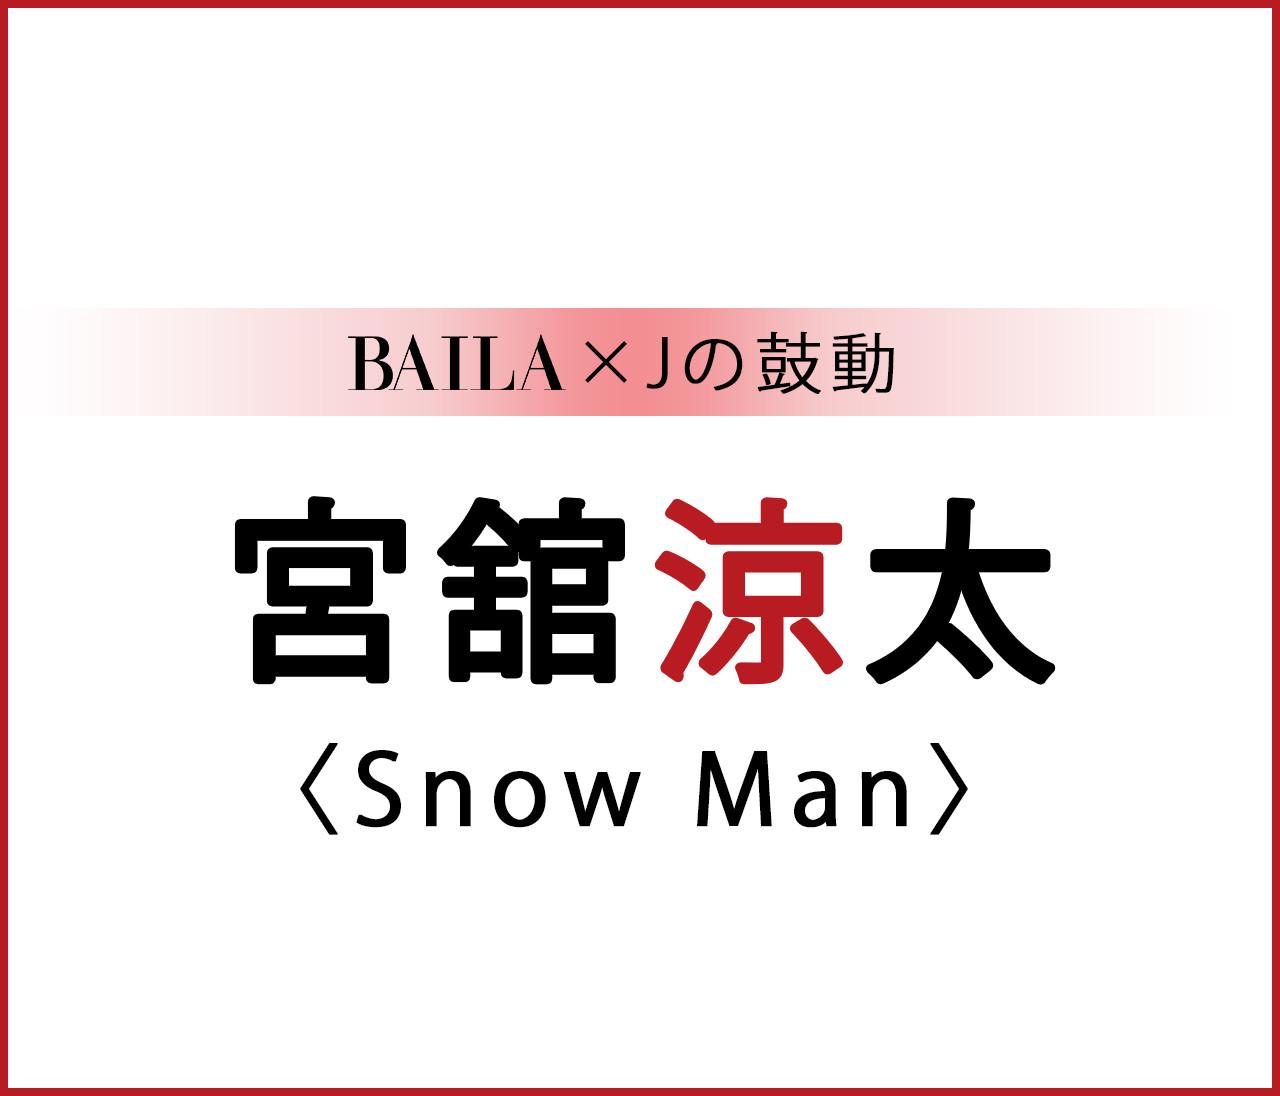 【 #SnowMan #宮舘涼太 】宮舘涼太スペシャルインタビュー!【BAILA × Jの鼓動】